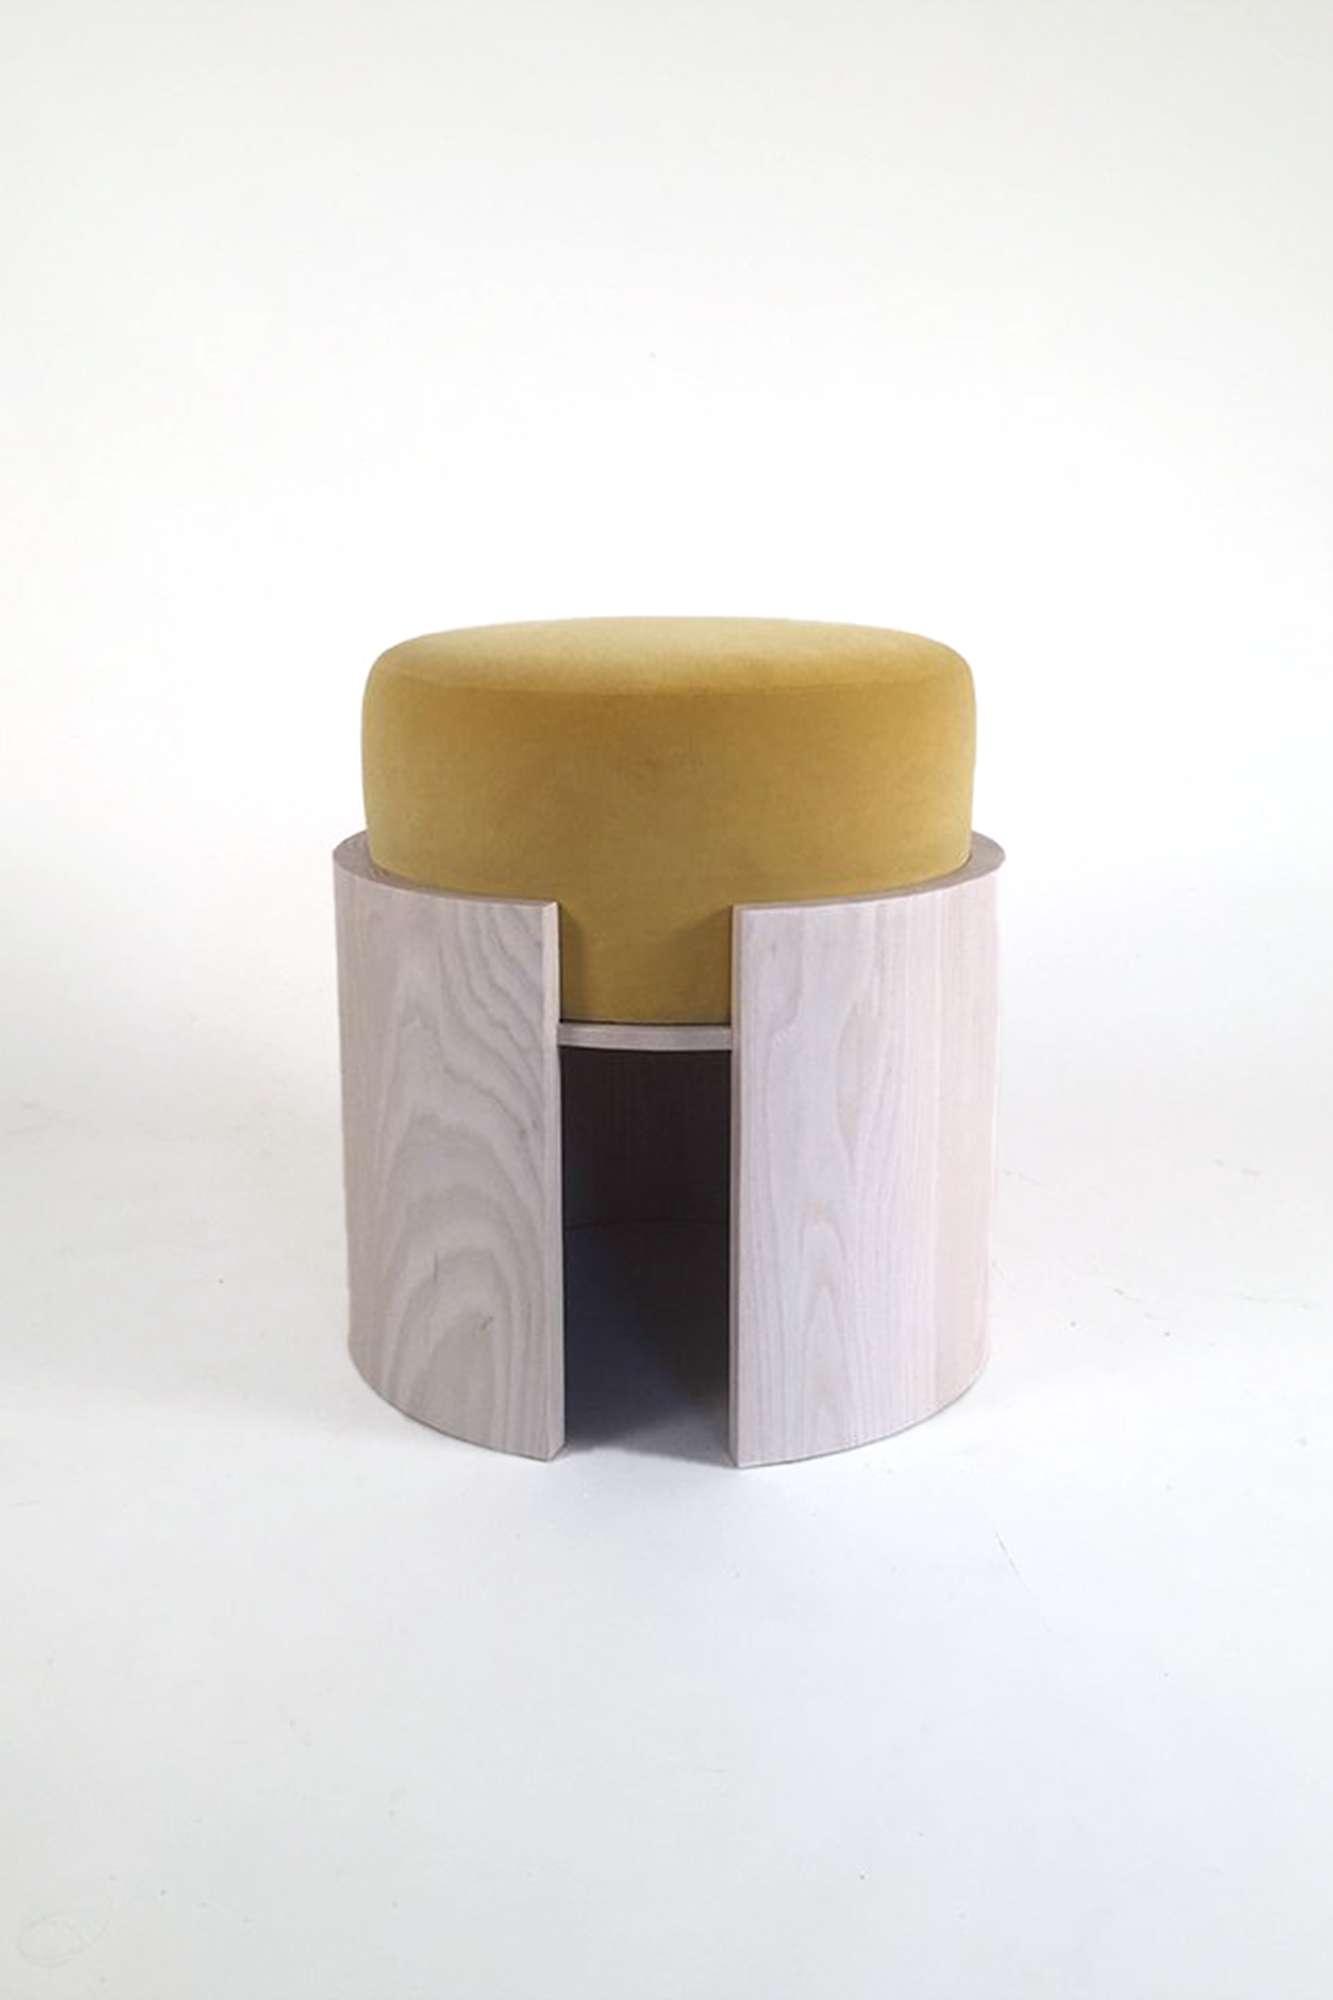 bastet stool white ash yellow.jpg